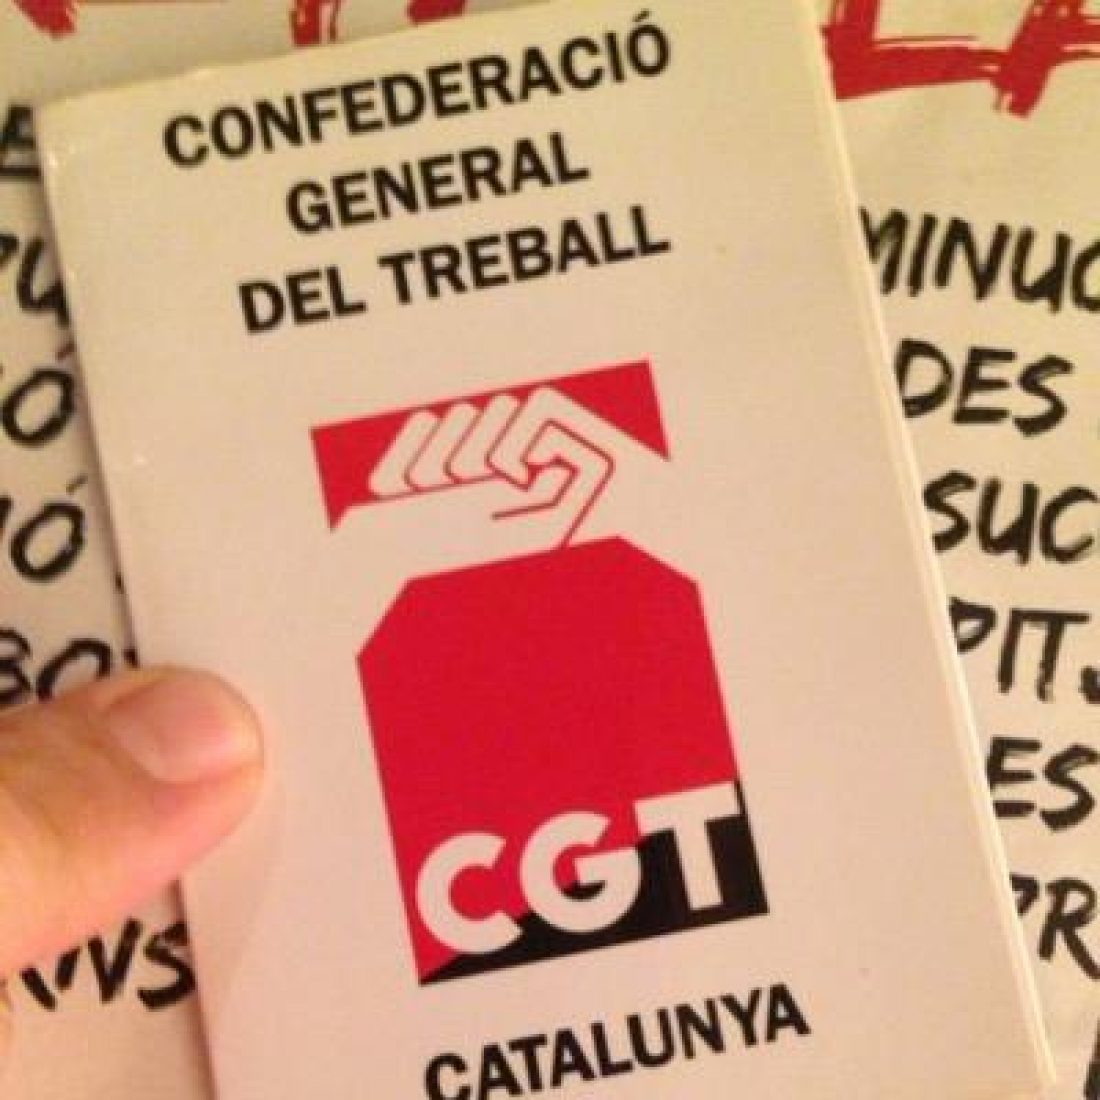 La CGT de Catalunya ante los ataques al derecho de huelga